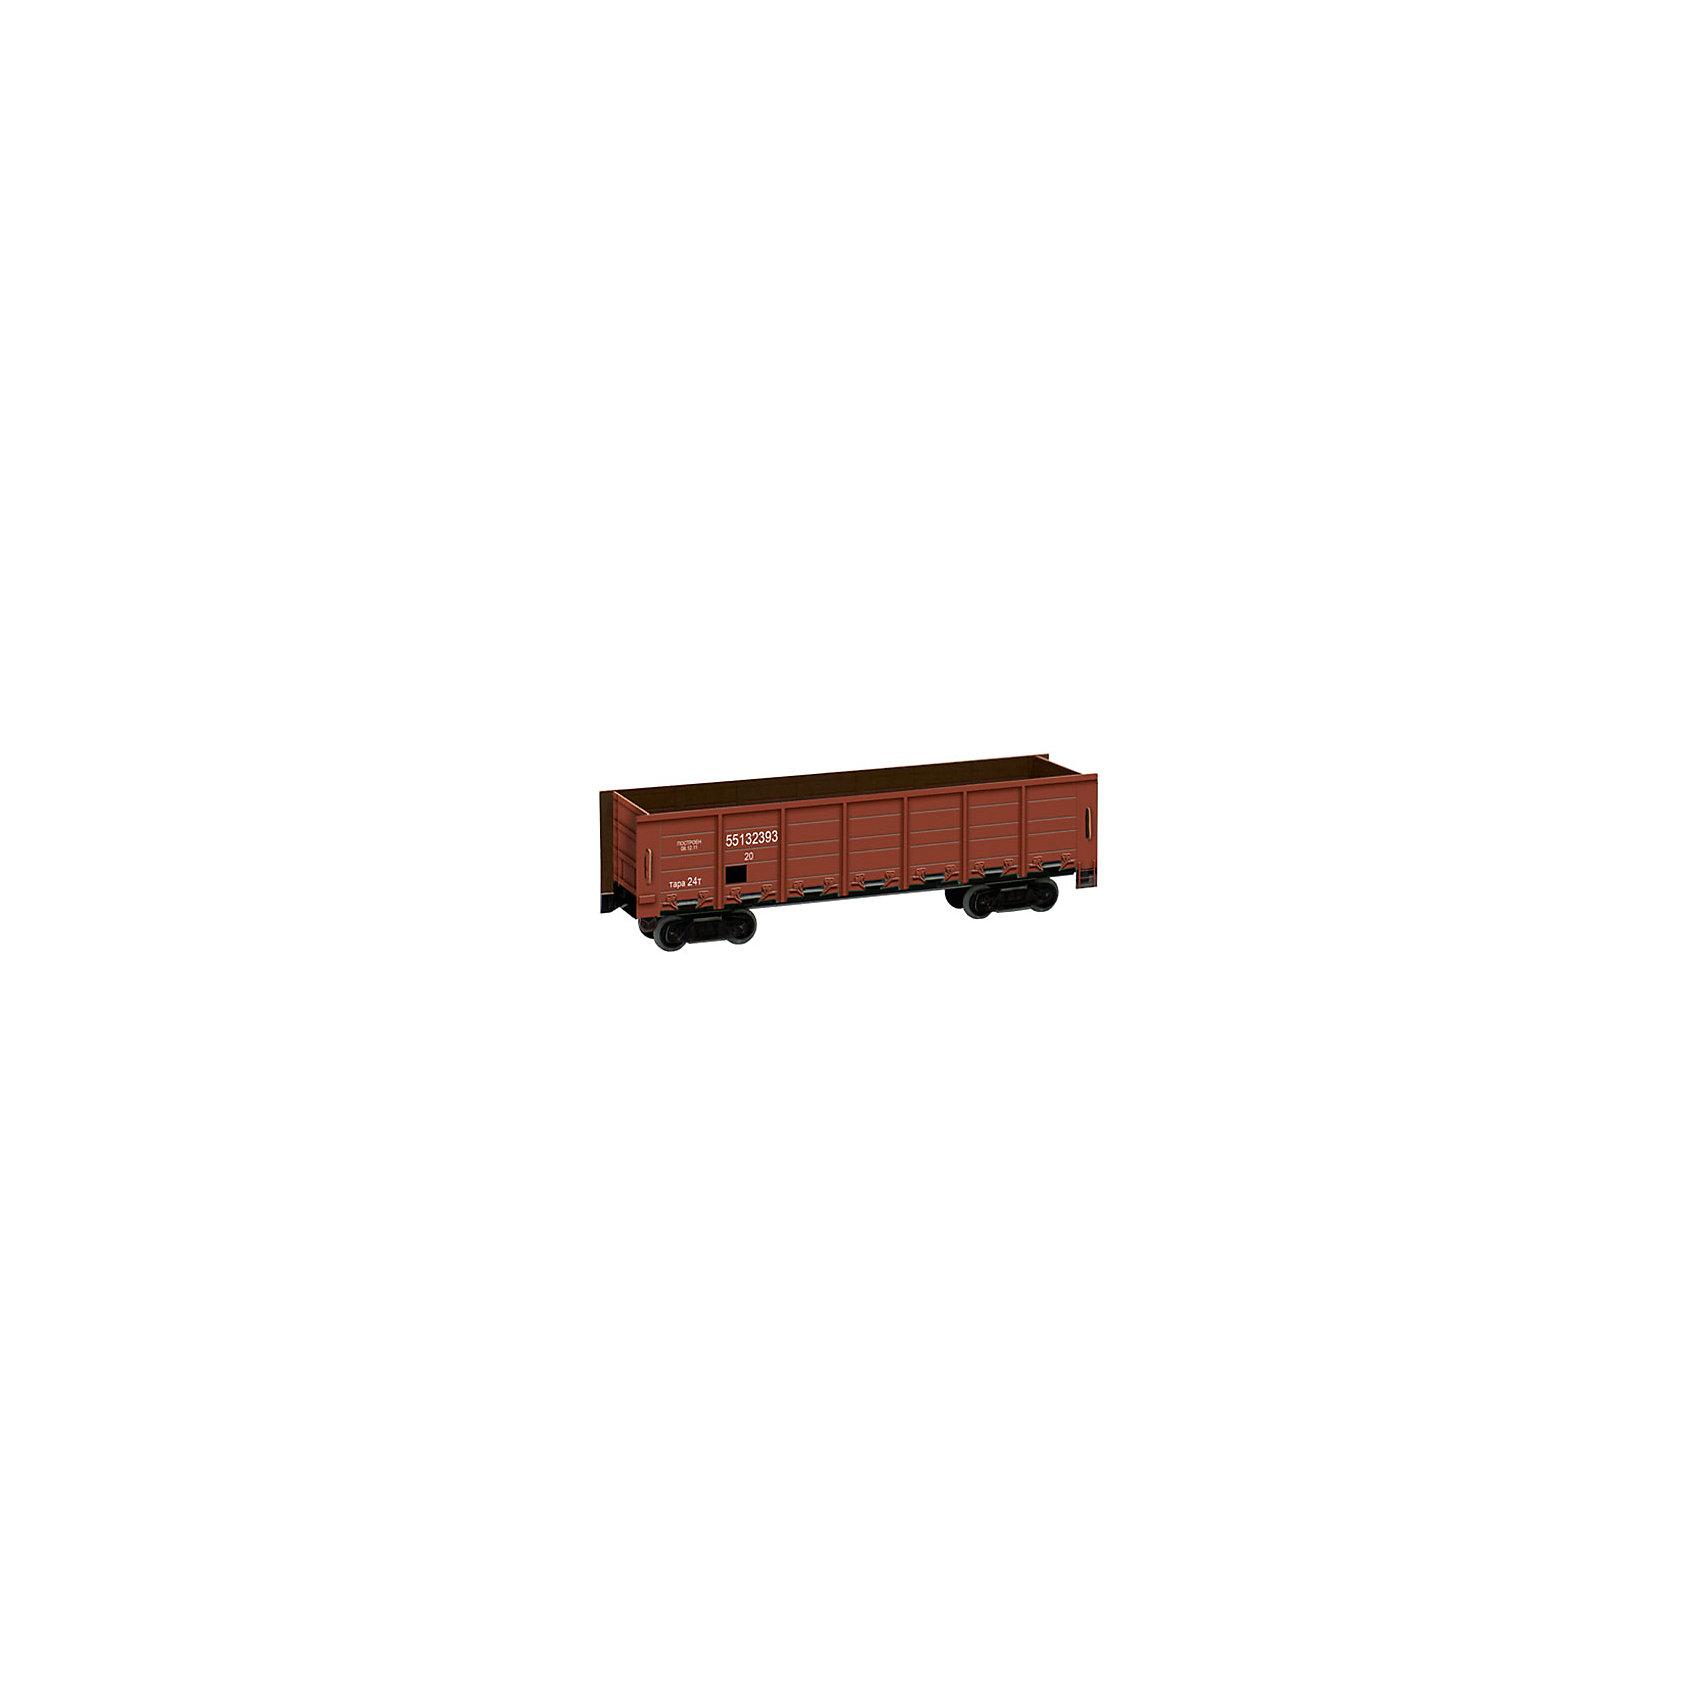 Сборная модель ПолувагонПолувагон (коричневый)<br>Полувагон - грузовой вагон с высокими бортами без крыши для перевозки грузов, не требующих защиты от атмосферных осадков. Может иметь разгрузочные люки в полу и раскрывающиеся боковые стенки или глухой кузов. Бывают двух типов: люковые и глуходонные.<br><br>Количество деталей: 20.<br>Сложность сборки: 1.<br>Масштаб: 1:87.<br>Размер модели: 16,5х5х4 см.<br>Материалы: двойной картон.<br>Возраст: 7+.<br><br>Ширина мм: 170<br>Глубина мм: 2<br>Высота мм: 240<br>Вес г: 48<br>Возраст от месяцев: 84<br>Возраст до месяцев: 2147483647<br>Пол: Унисекс<br>Возраст: Детский<br>SKU: 4807395